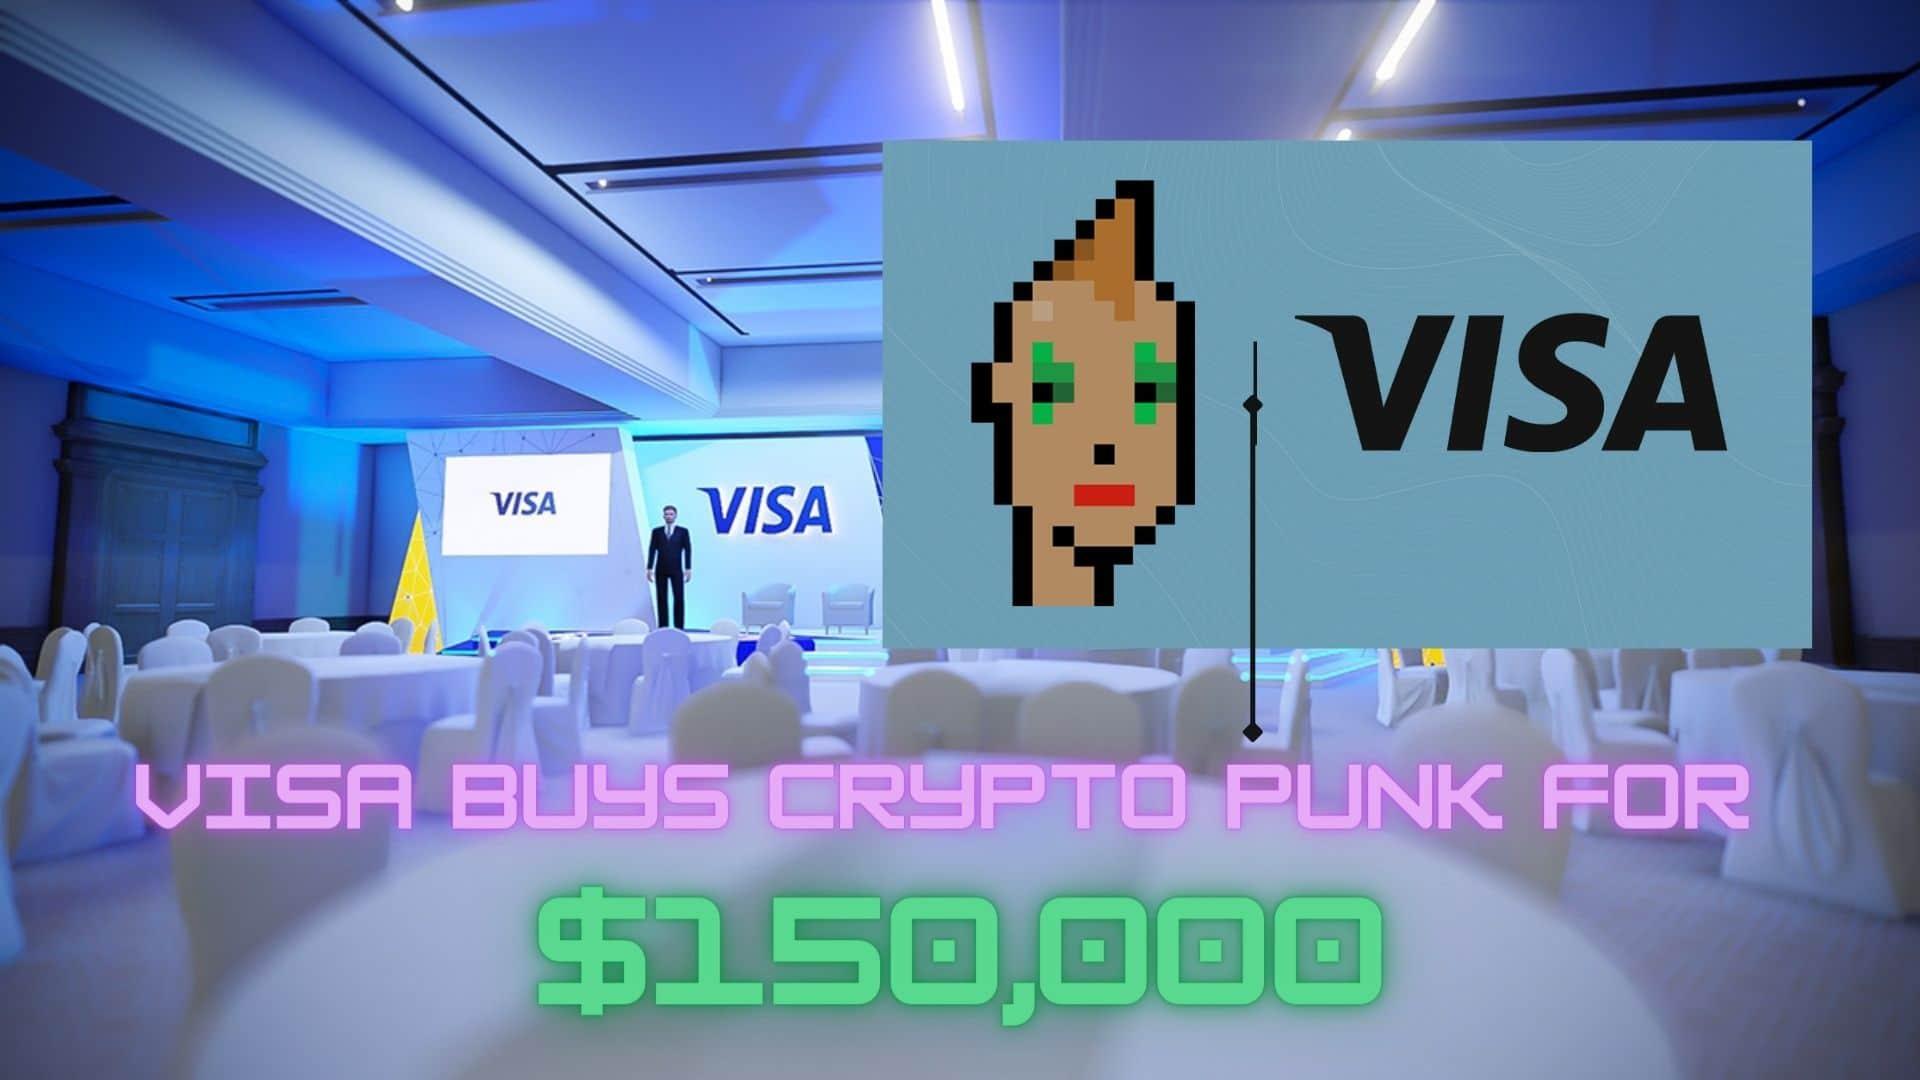 Visa Buys CryptoPunk